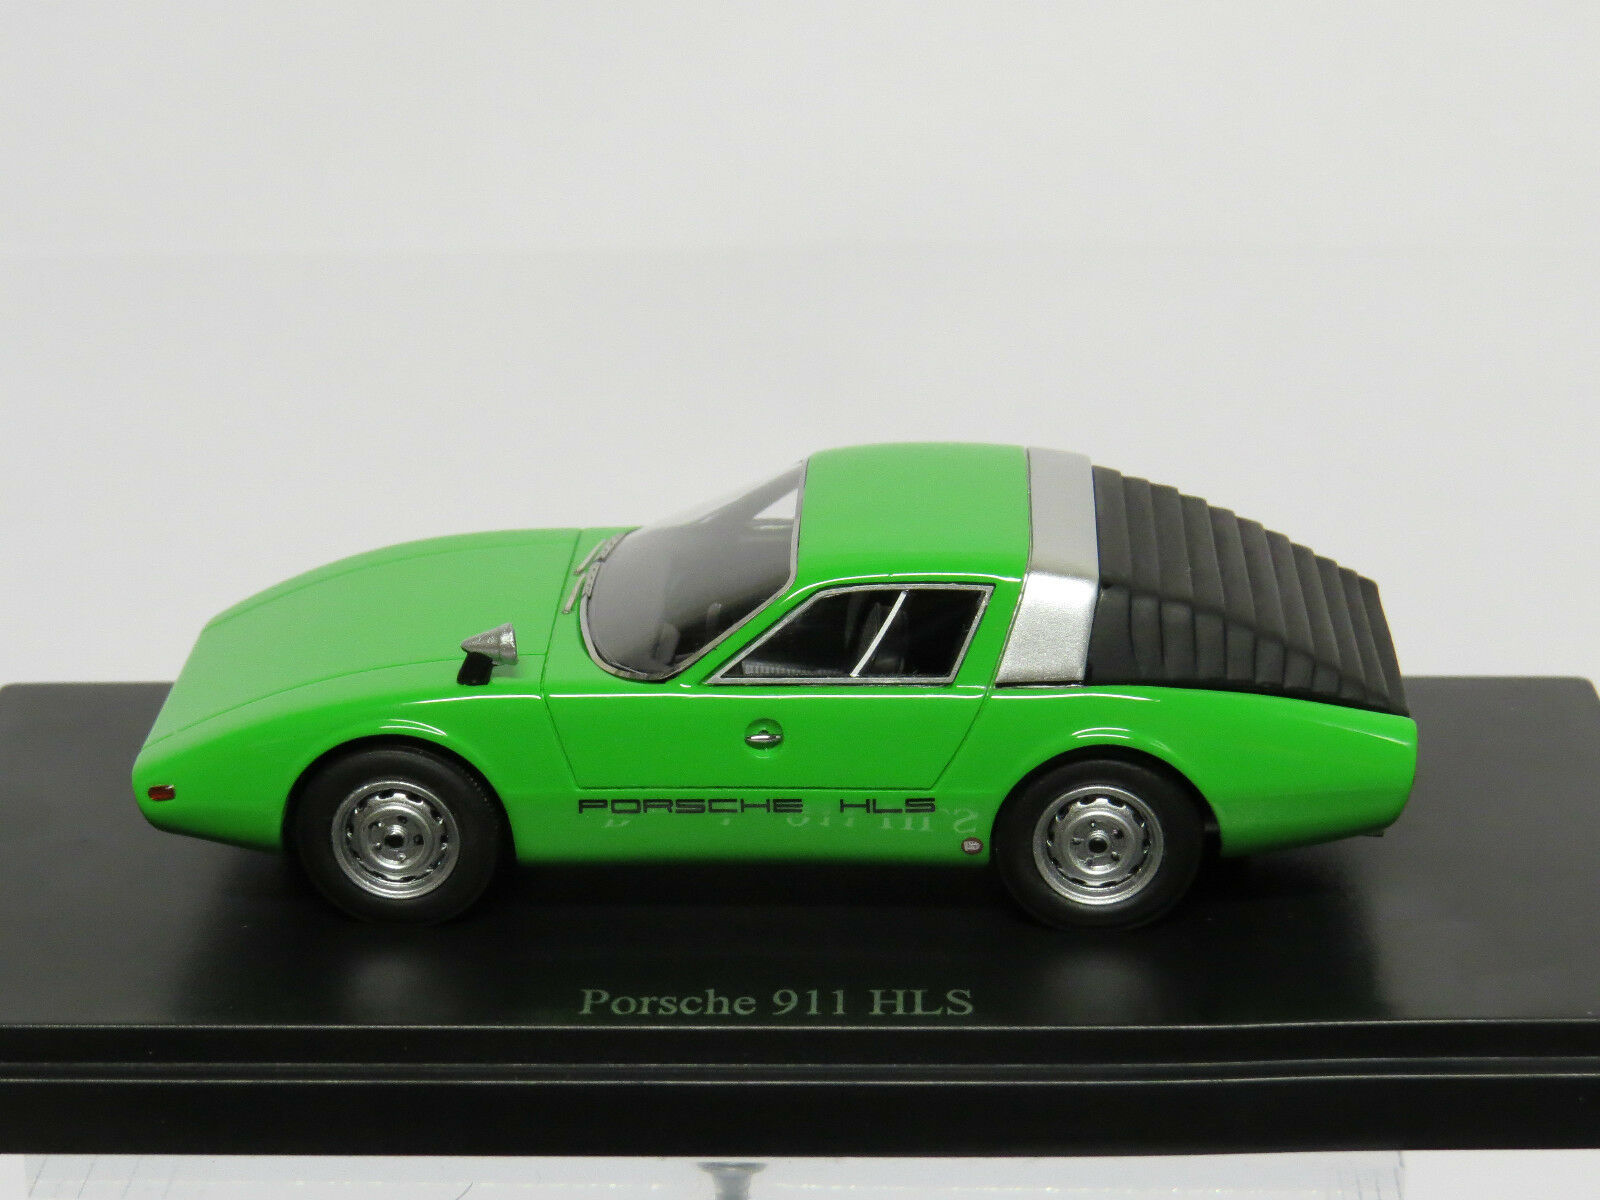 Porsche 911 HLS 1  43 lumière vert Autocult 06005 Limited edition 333 pieces  populaire